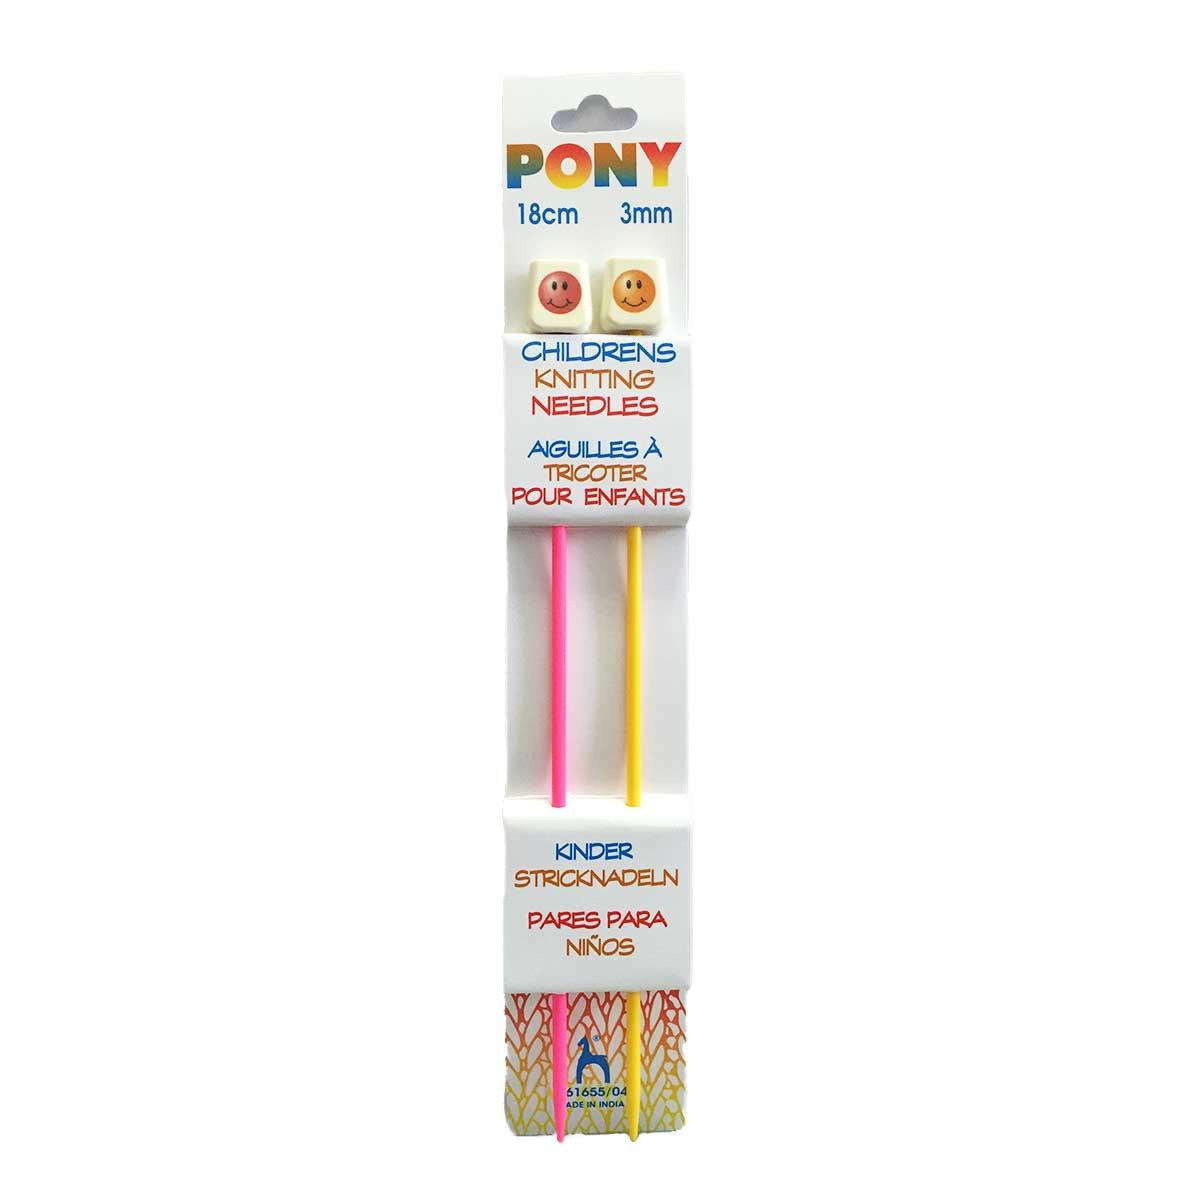 61655/04 Спицы прямые детские 3,00 мм/ 18 см, пластик, цветные, 2 шт PONY